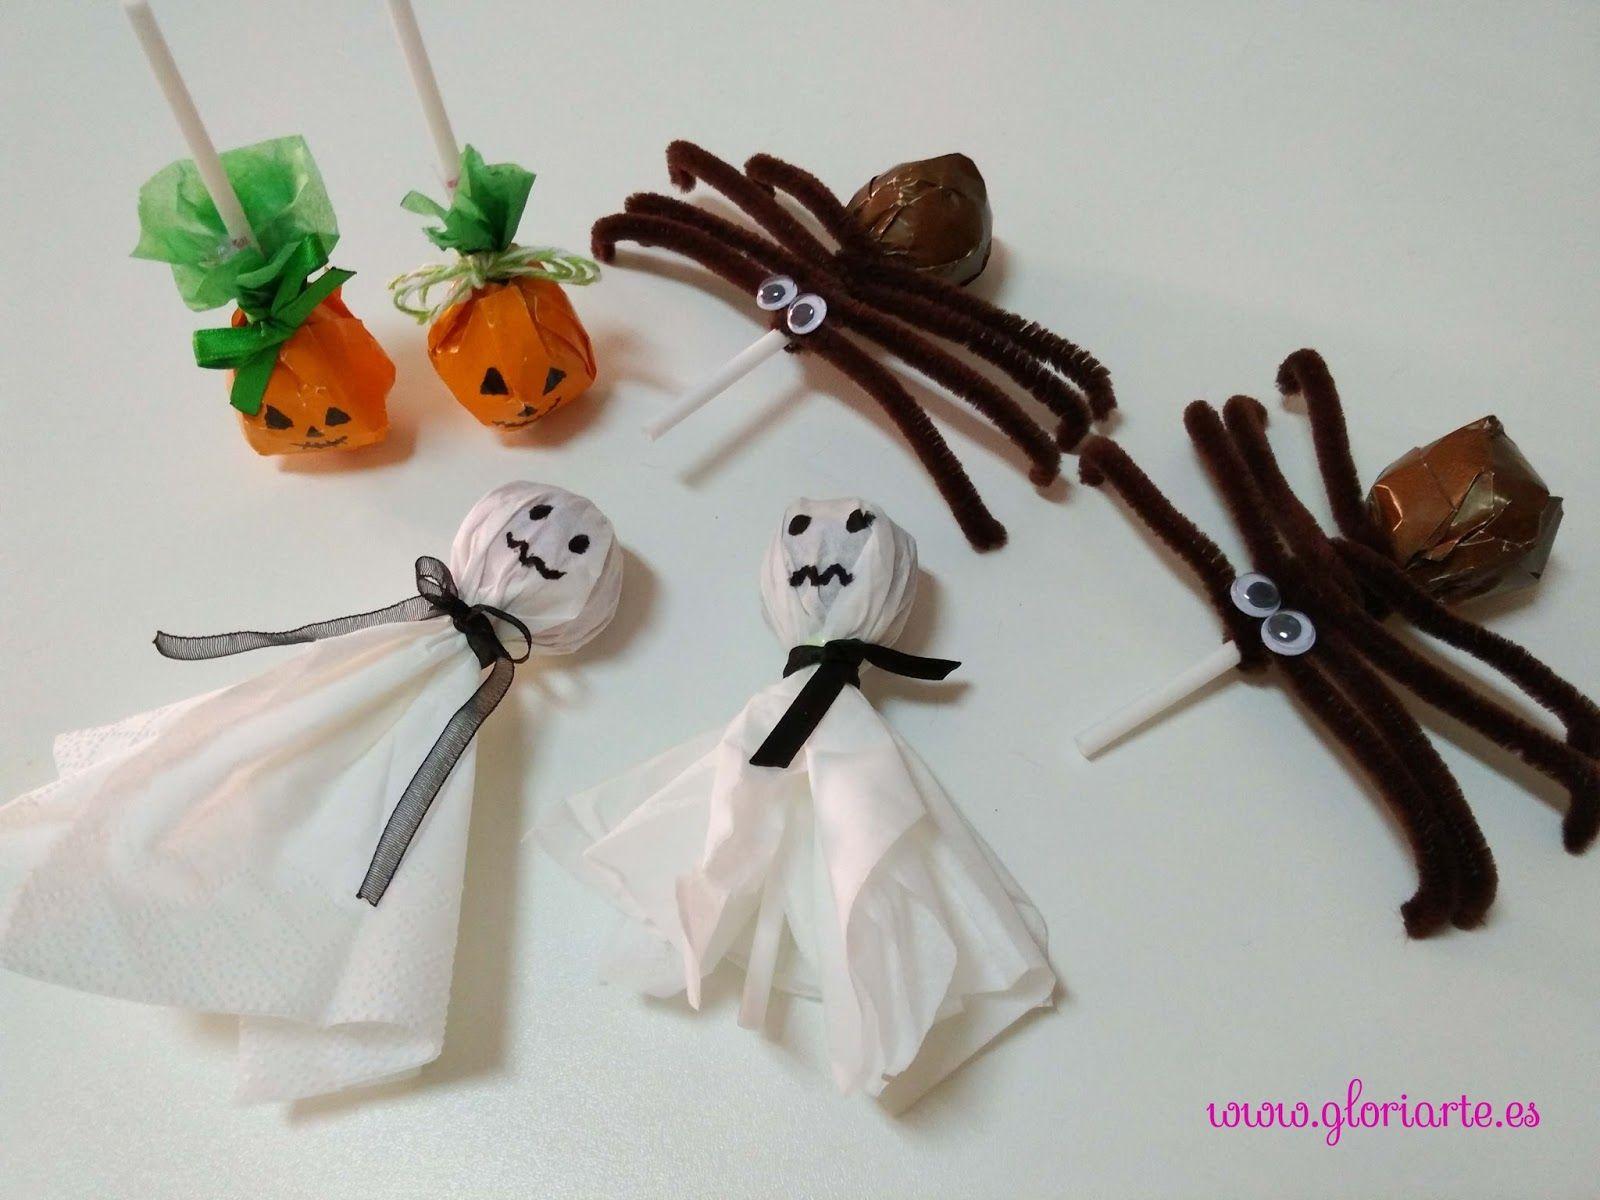 Idées pour décorer des bonbons à l'Halloween